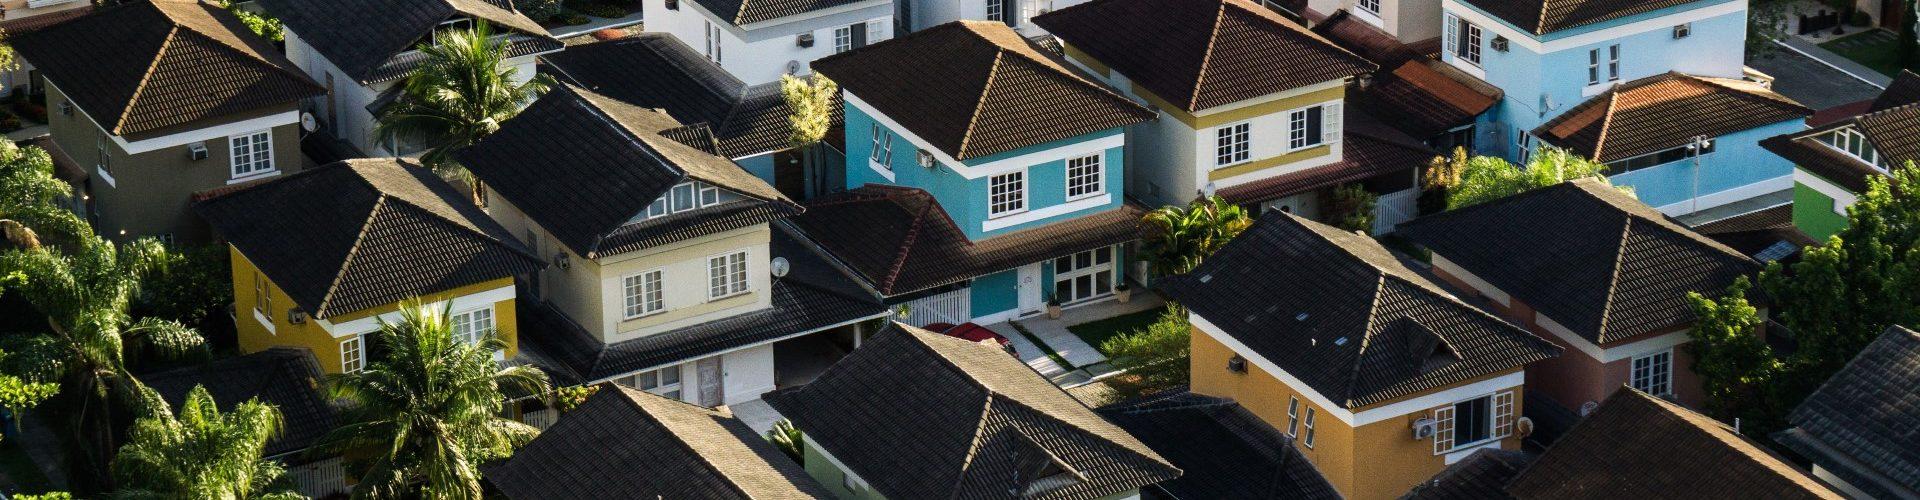 Houses in residential neighborhood